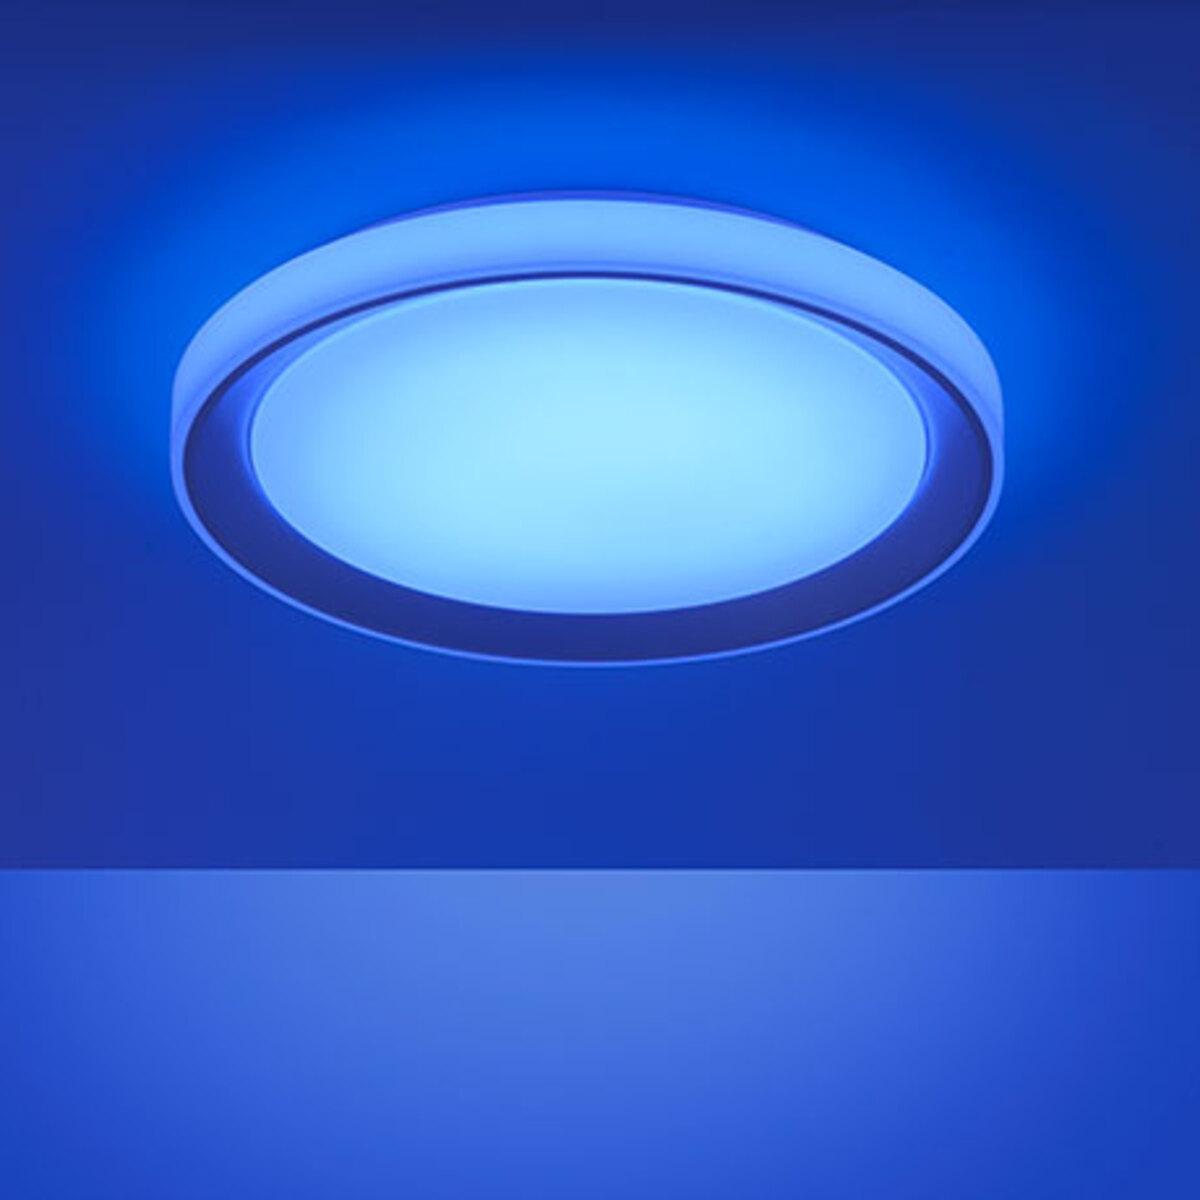 Bild 5 von LED-Deckenleuchte LOLASmart Leni1